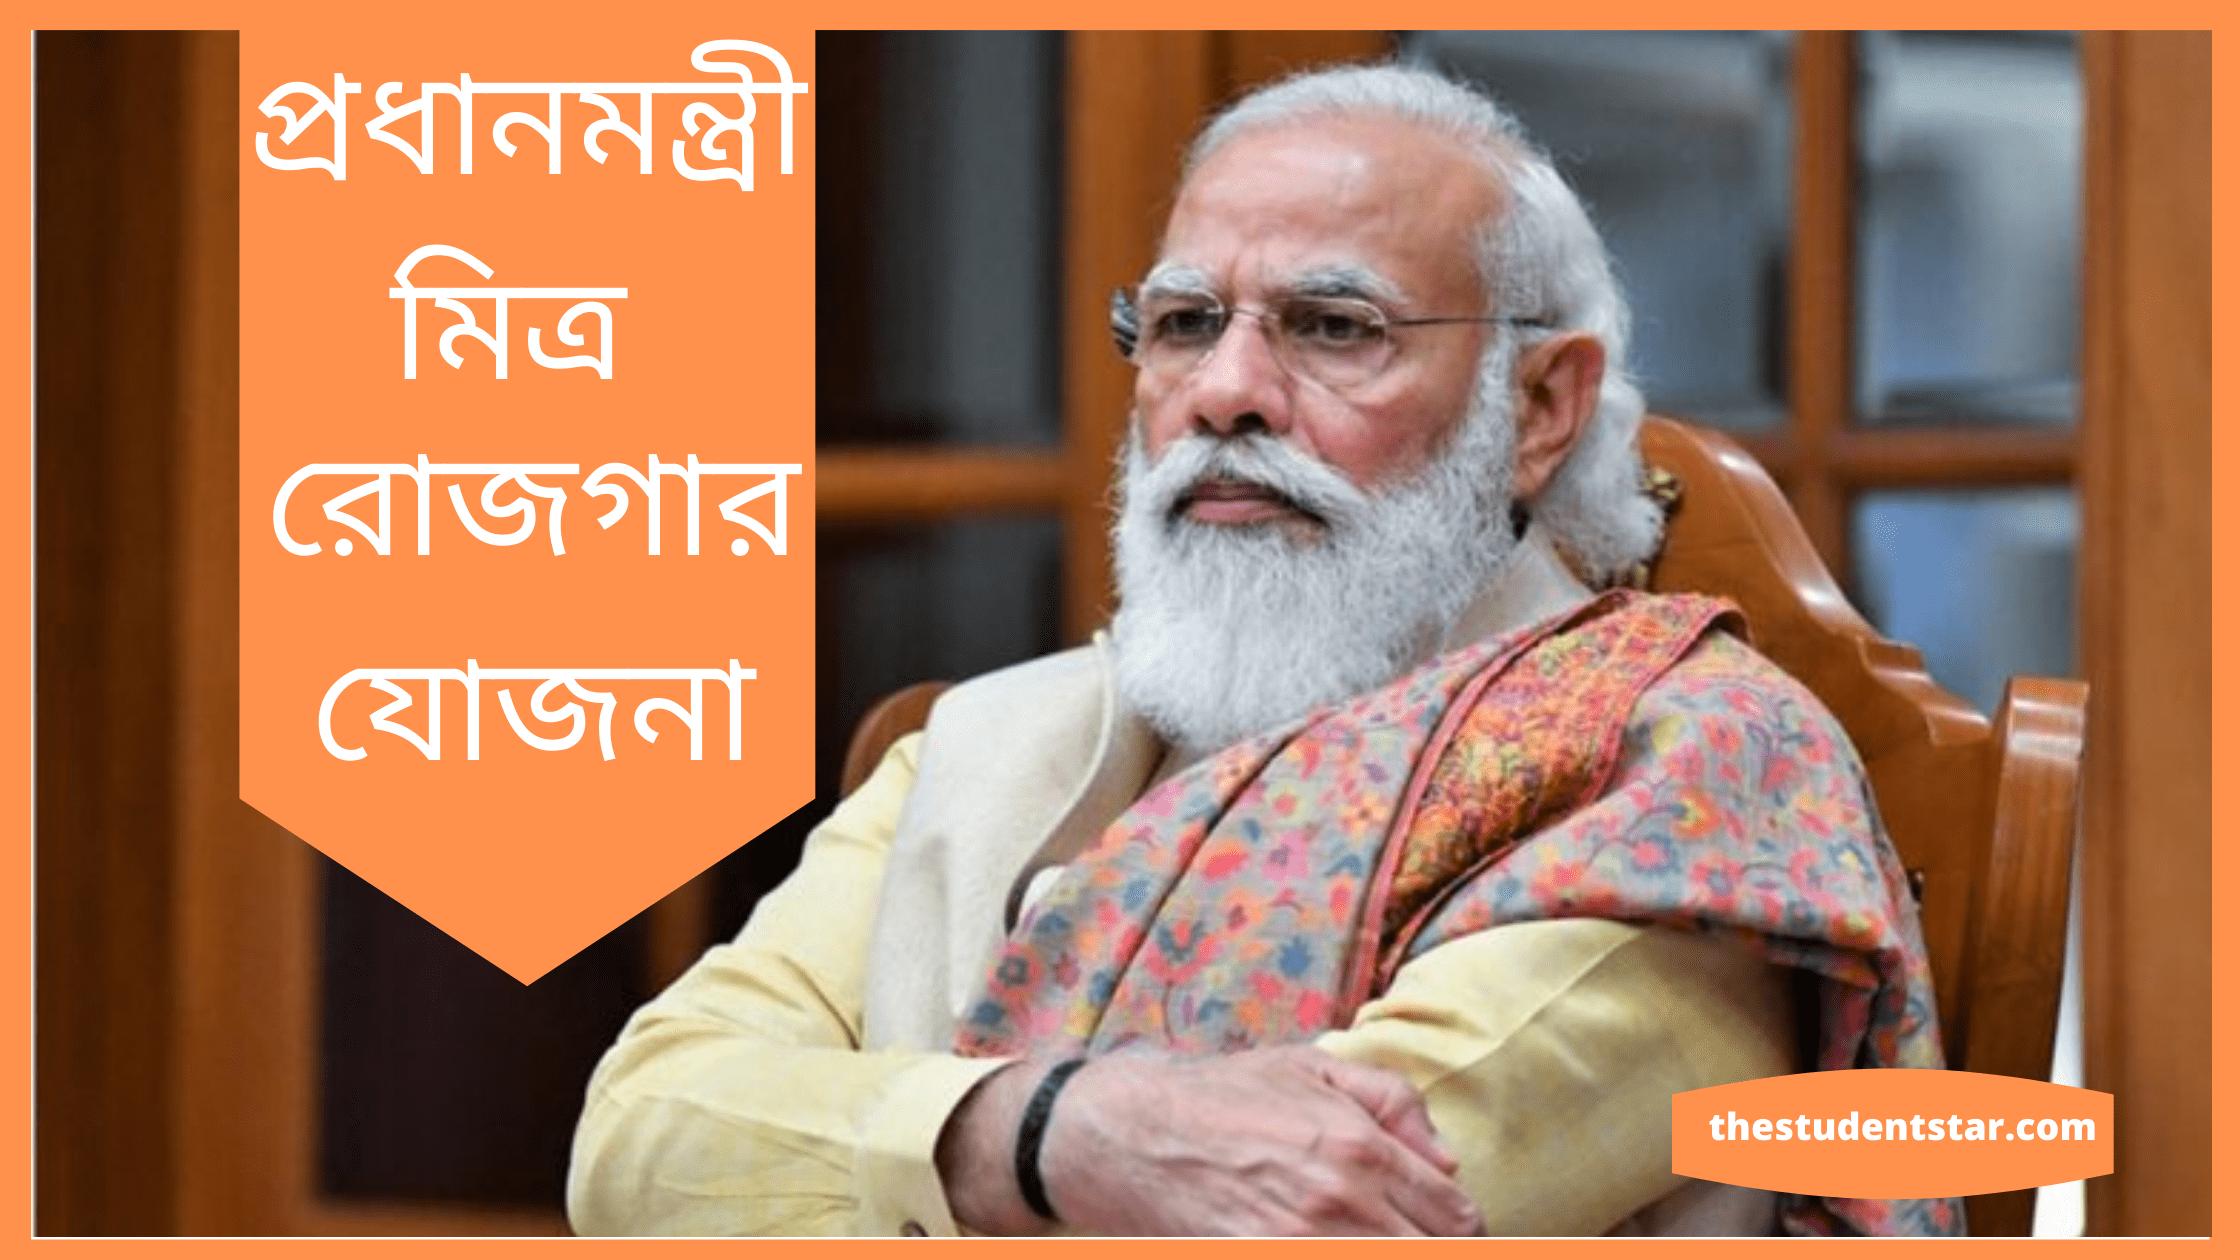 প্রধানমন্ত্রী মিত্র রোজগার যোজনা 2021